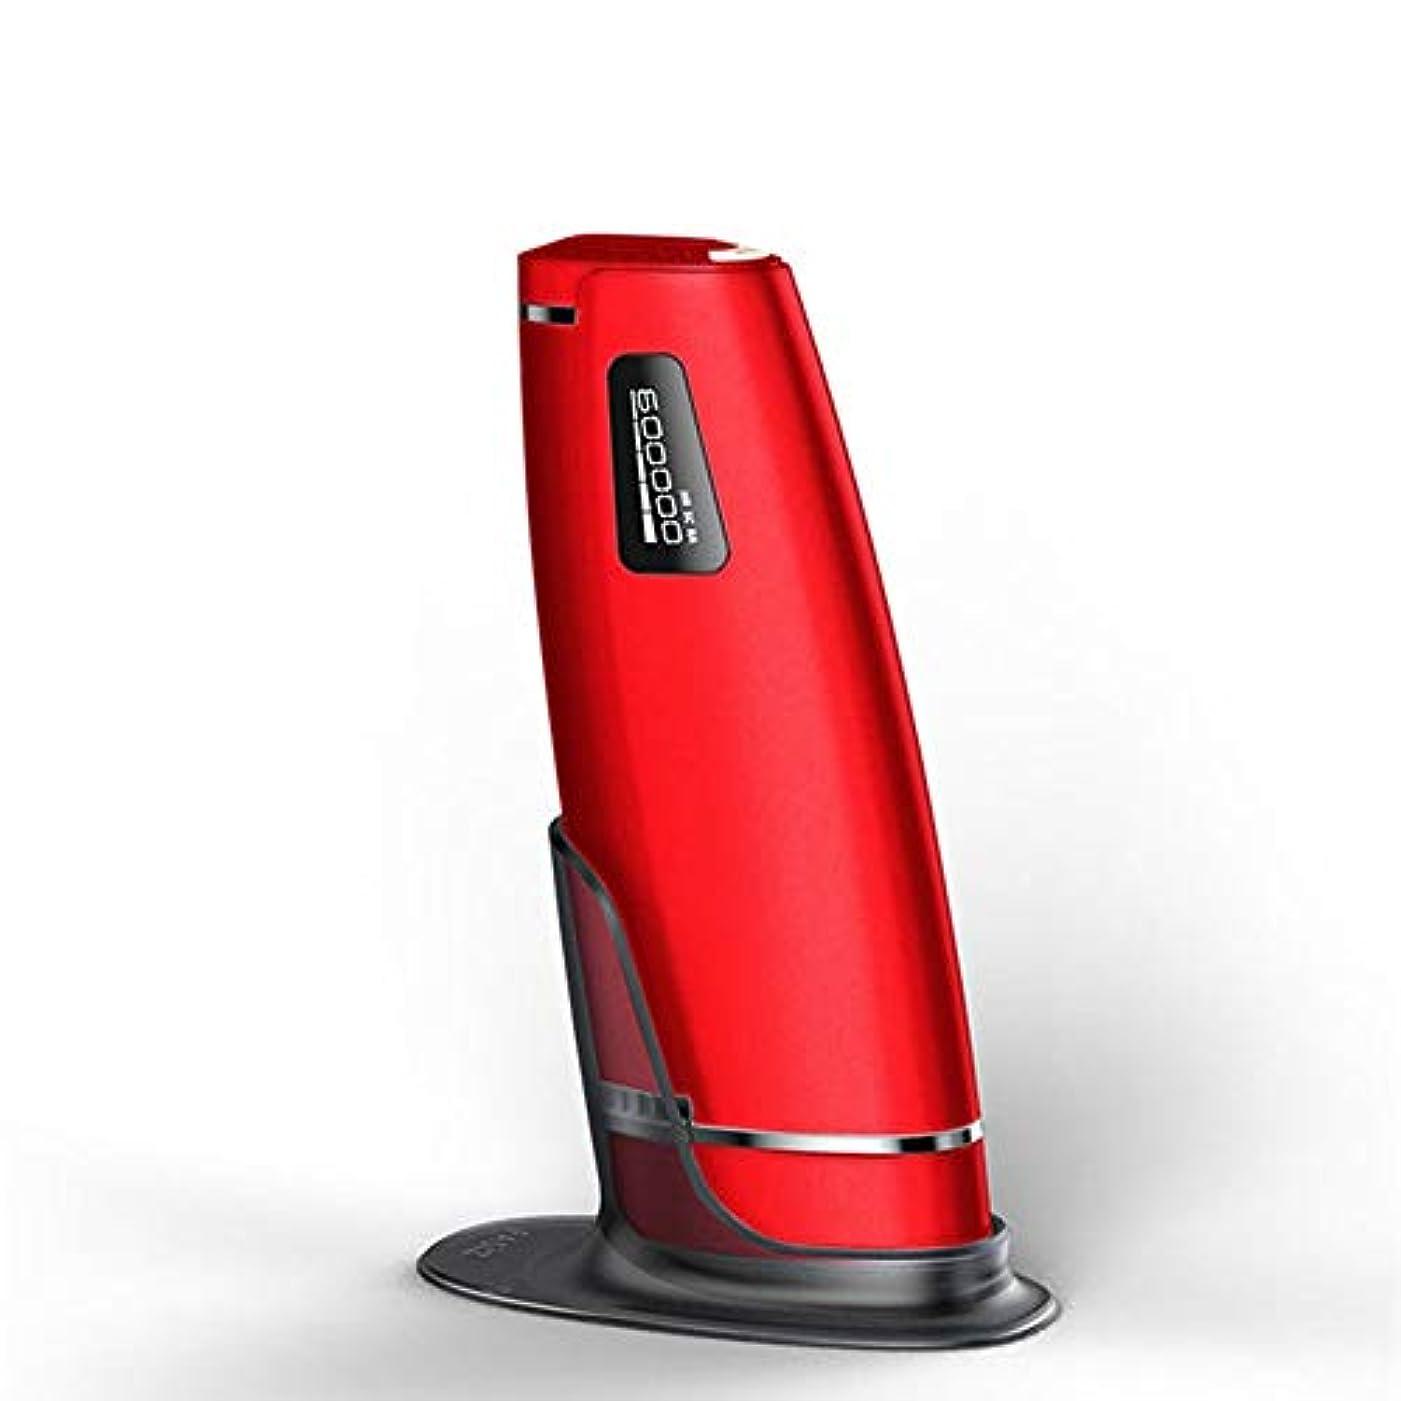 明示的に変化手書き赤、デュアルモード、ホームオートマチック無痛脱毛剤、携帯用永久脱毛剤、5スピード調整、サイズ20.5 X 4.5 X 7 Cm 髪以外はきれい (Color : Red)